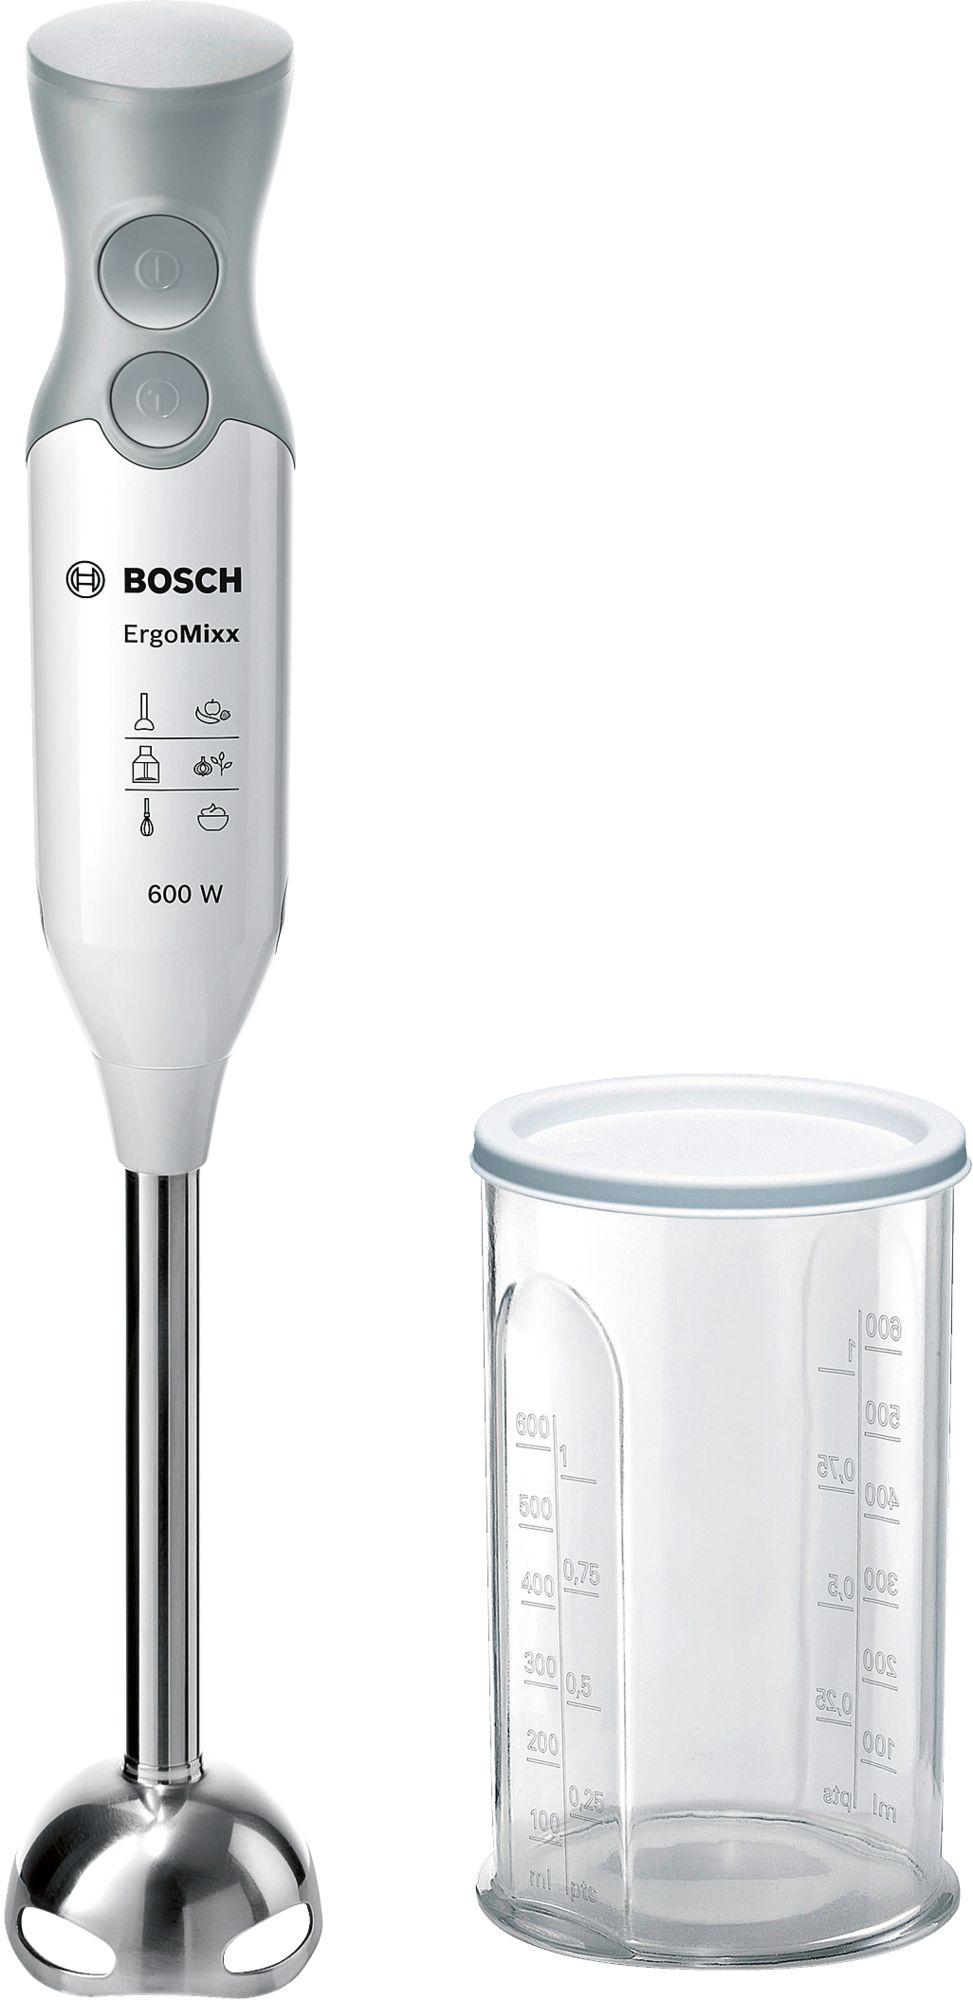 MCSA01477293 G0804 MSM66110 999857 def 1 - Blender de mâină Bosch, ErgoMixx 600 W Alb, MSM66110